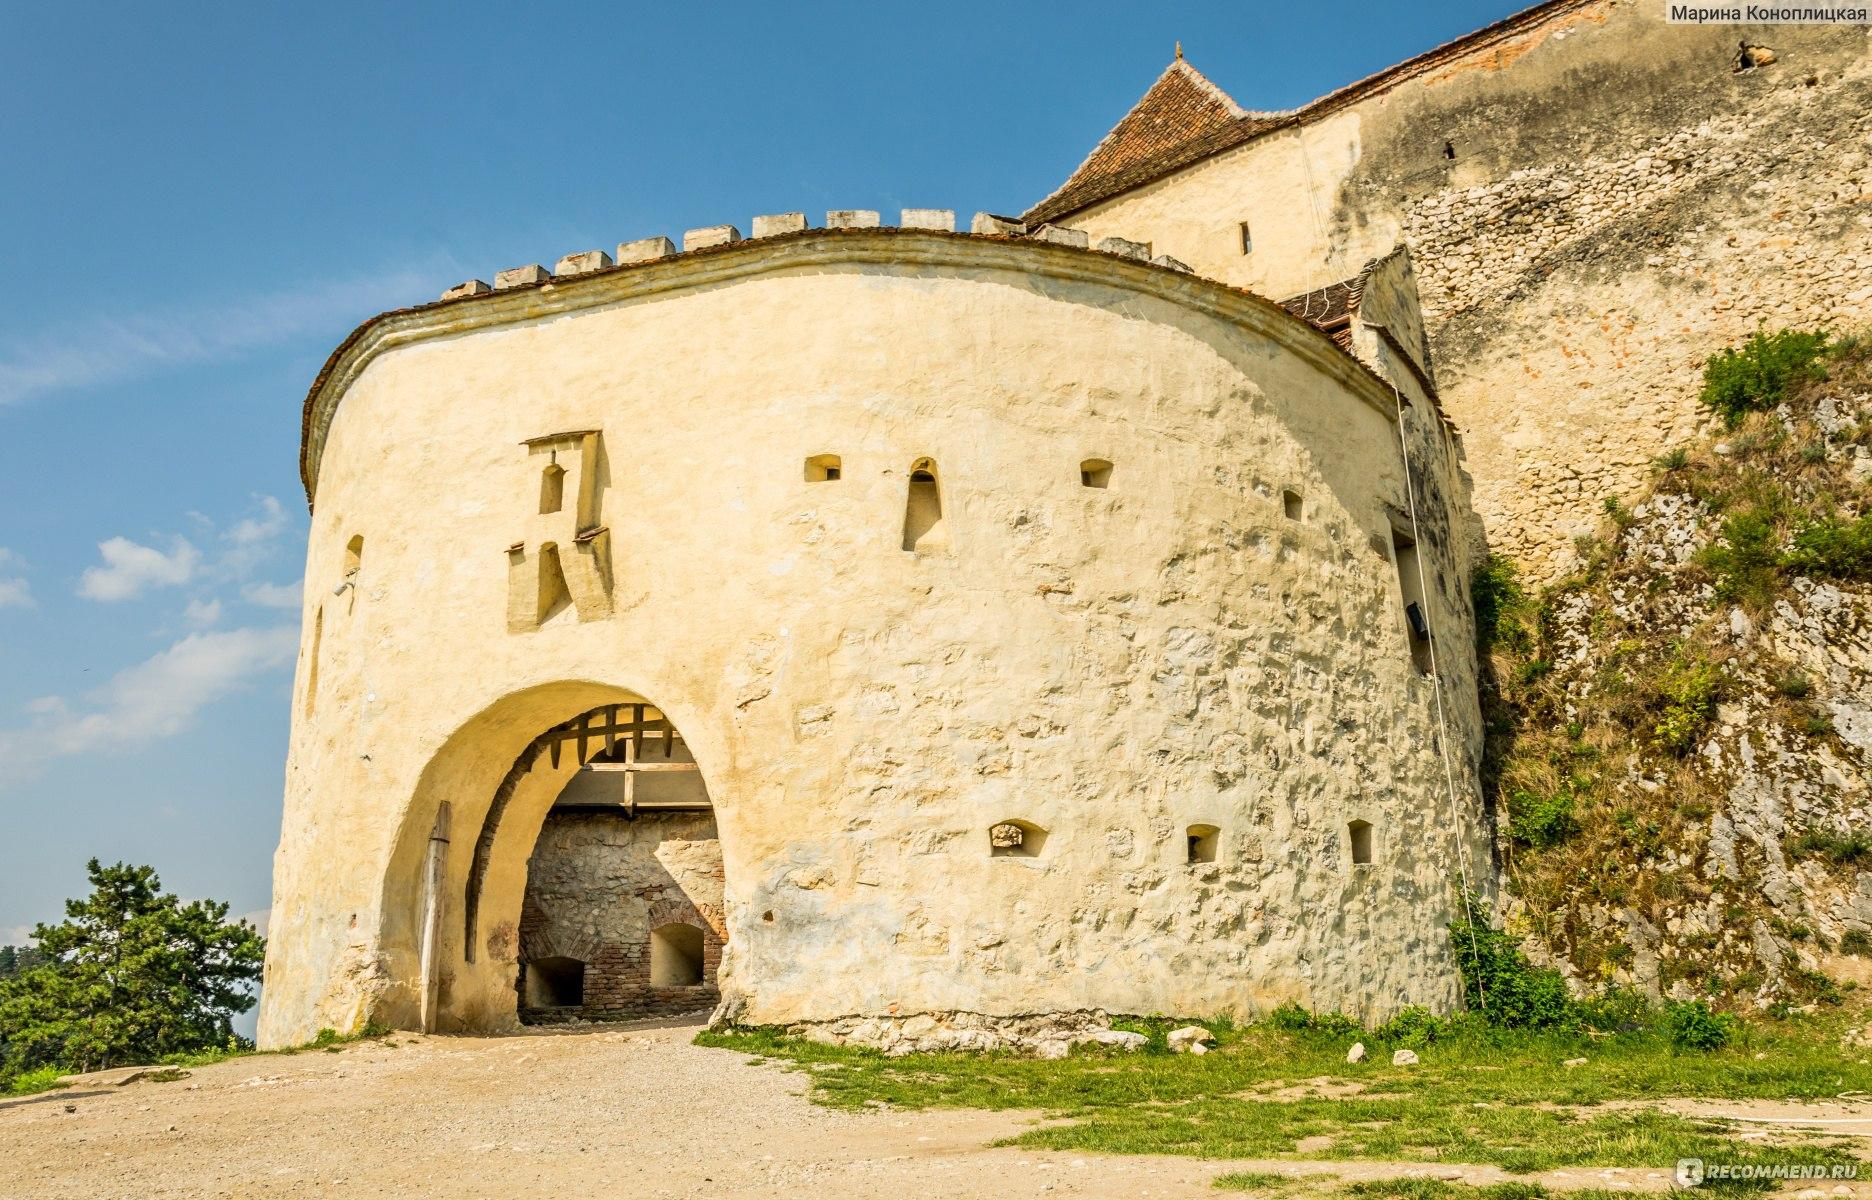 Я влюбился в Карпаты (путешествие в Румынию) 2dfyJFNJioBvVSXWikktJA